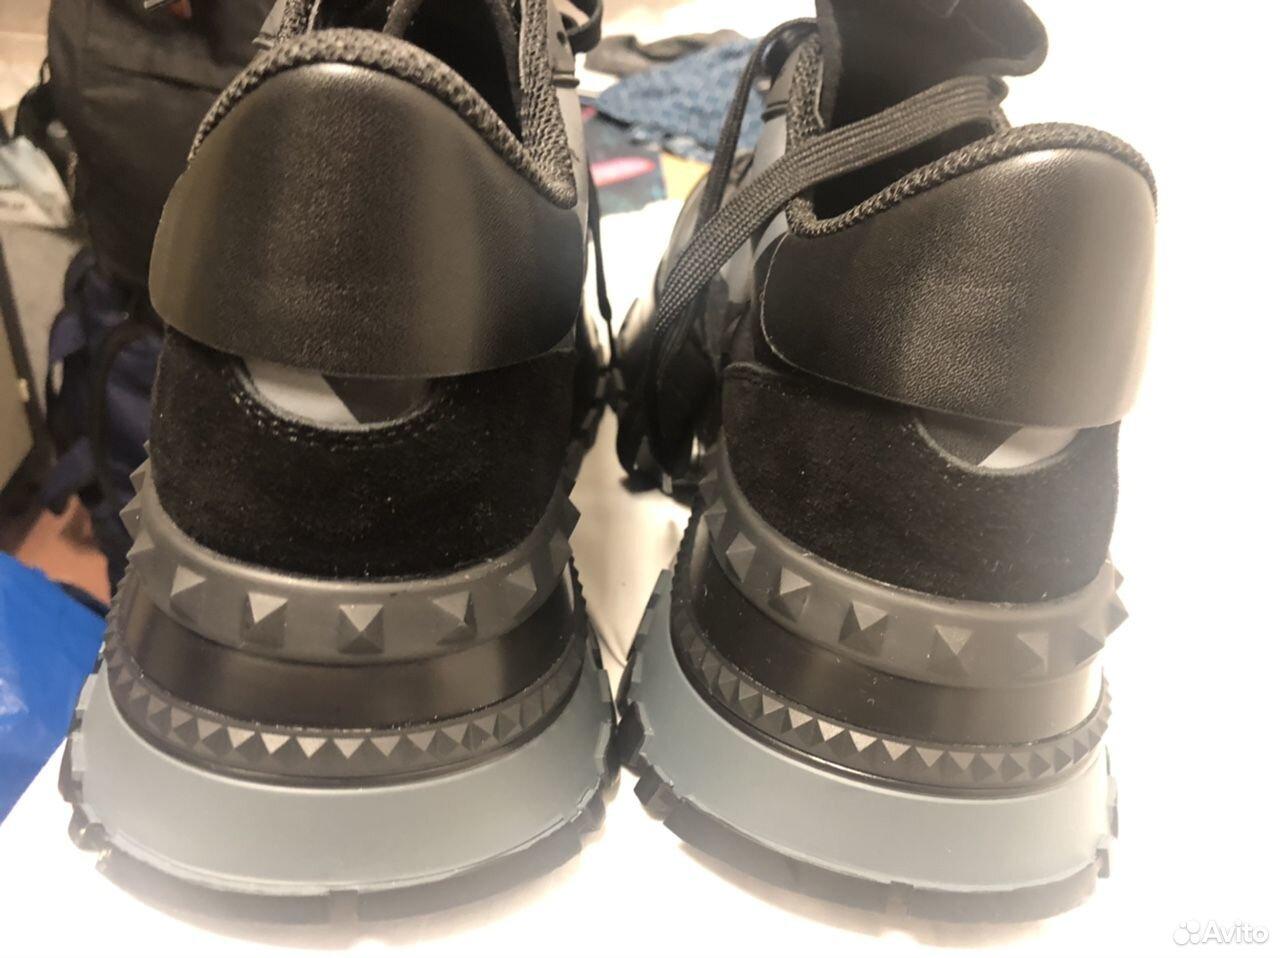 Продам кожаные кроссовки,купили не подошол размер  89187703894 купить 5